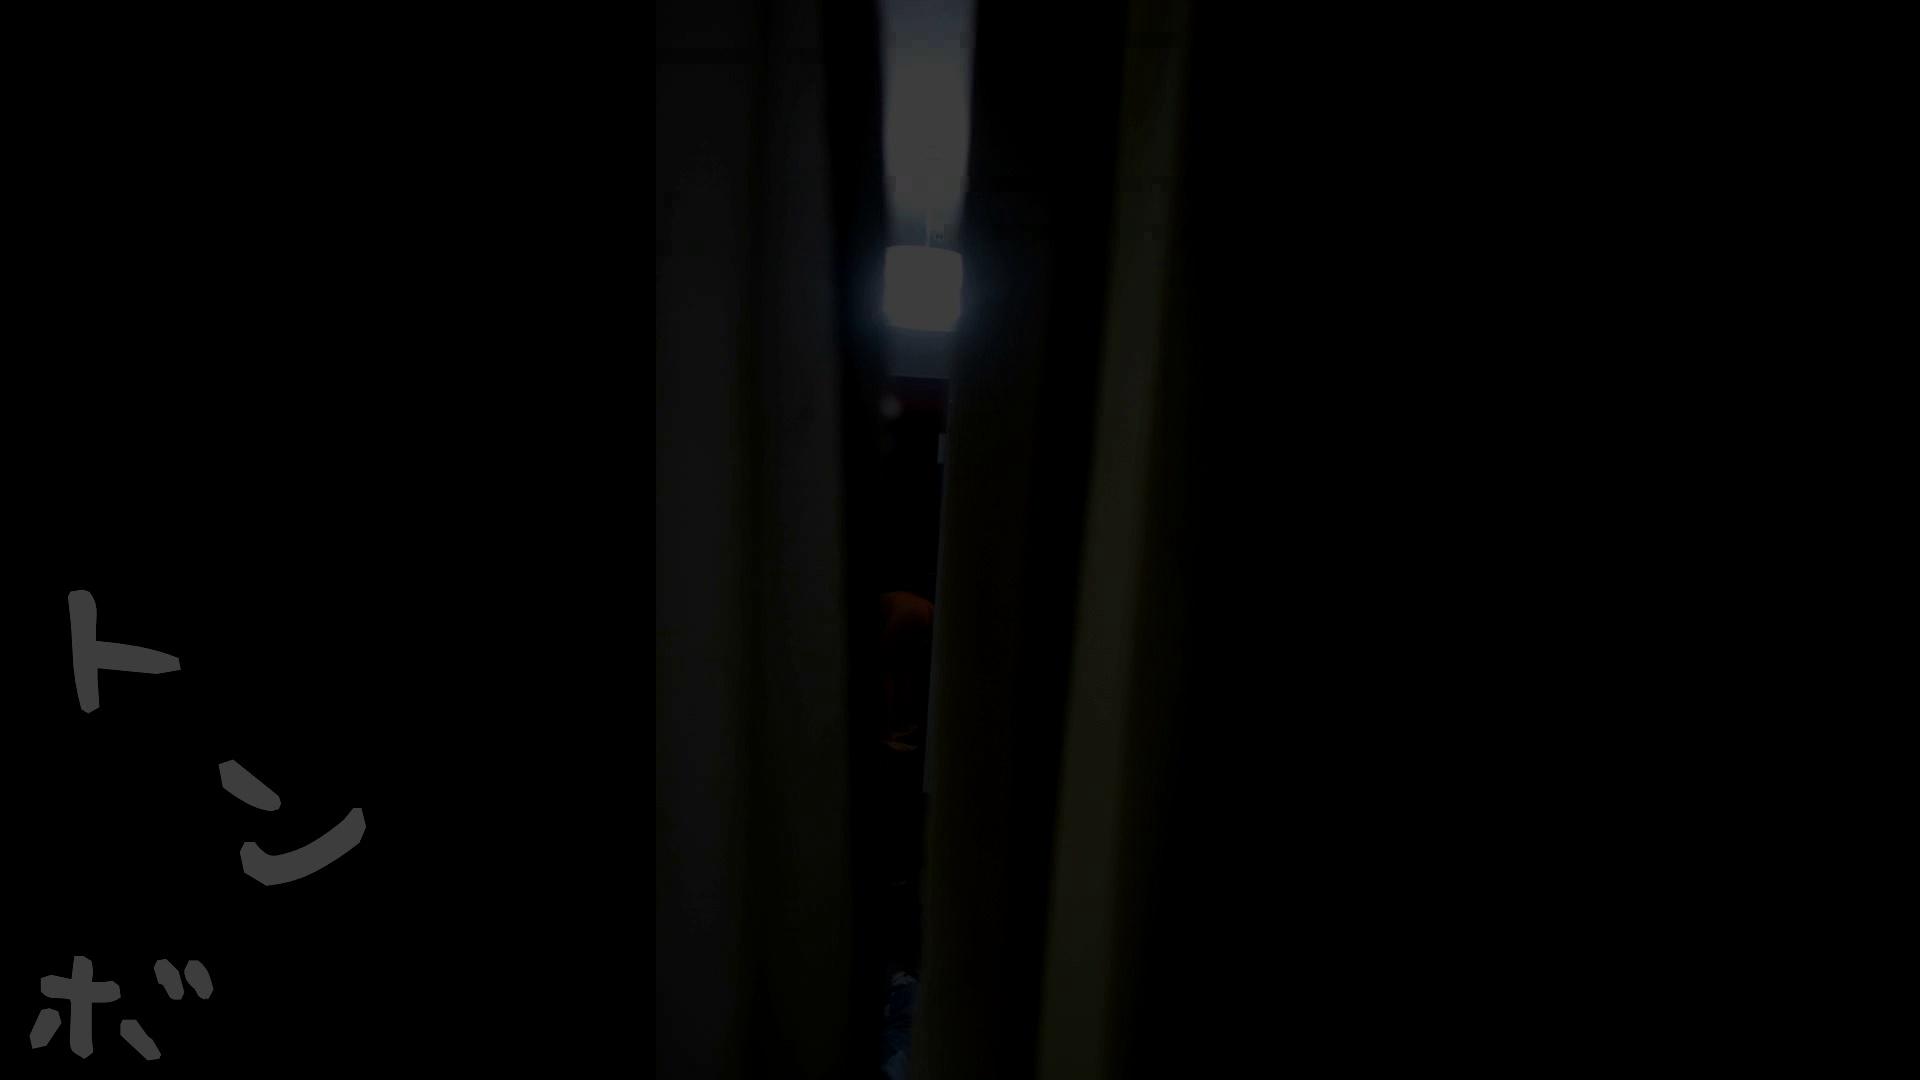 リアル盗撮 北欧留学生一人暮らし部屋ヌード 美女達のヌード   盗撮エロすぎ  102連発 6